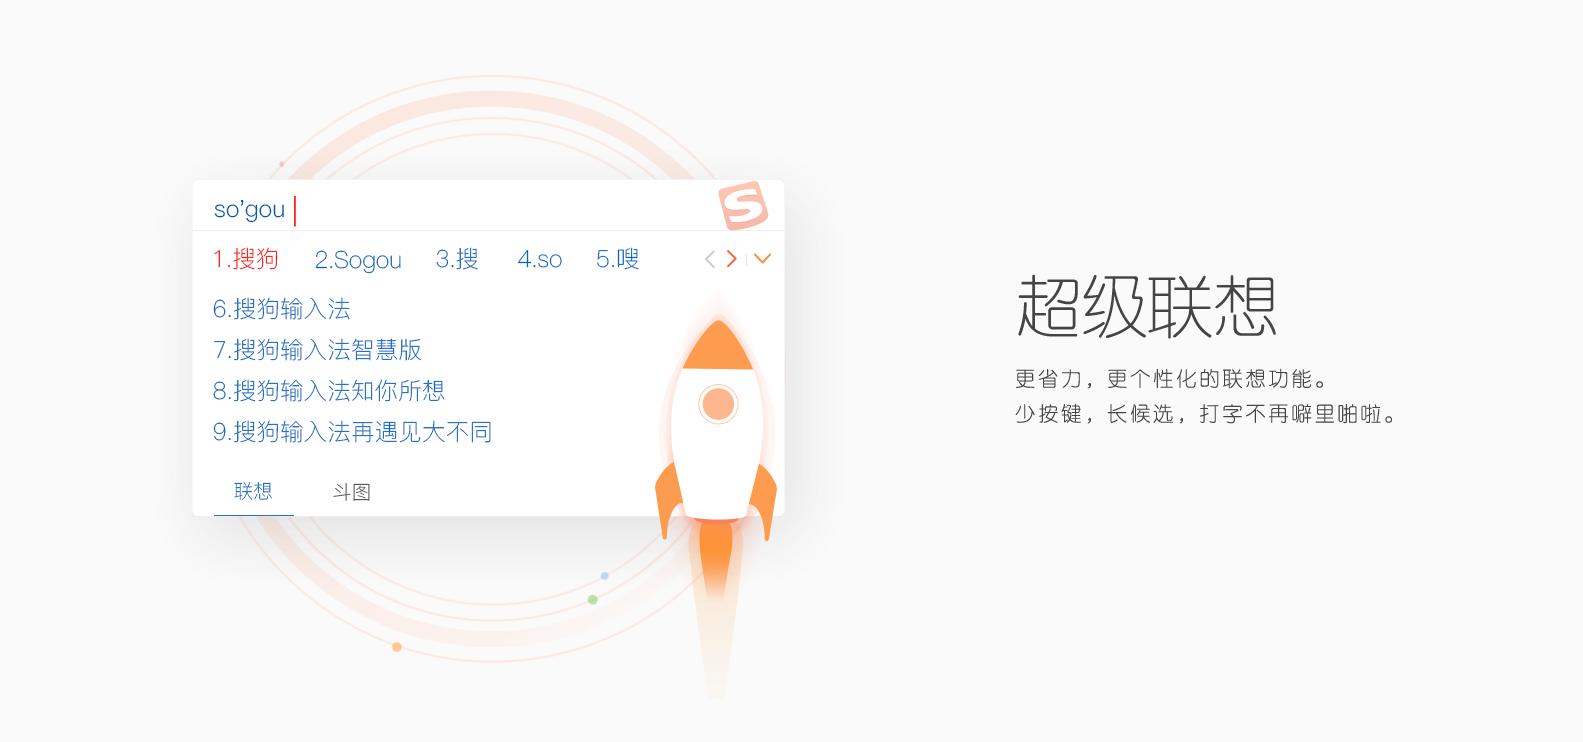 搜狗输入法智慧版3.0 去广告优化版